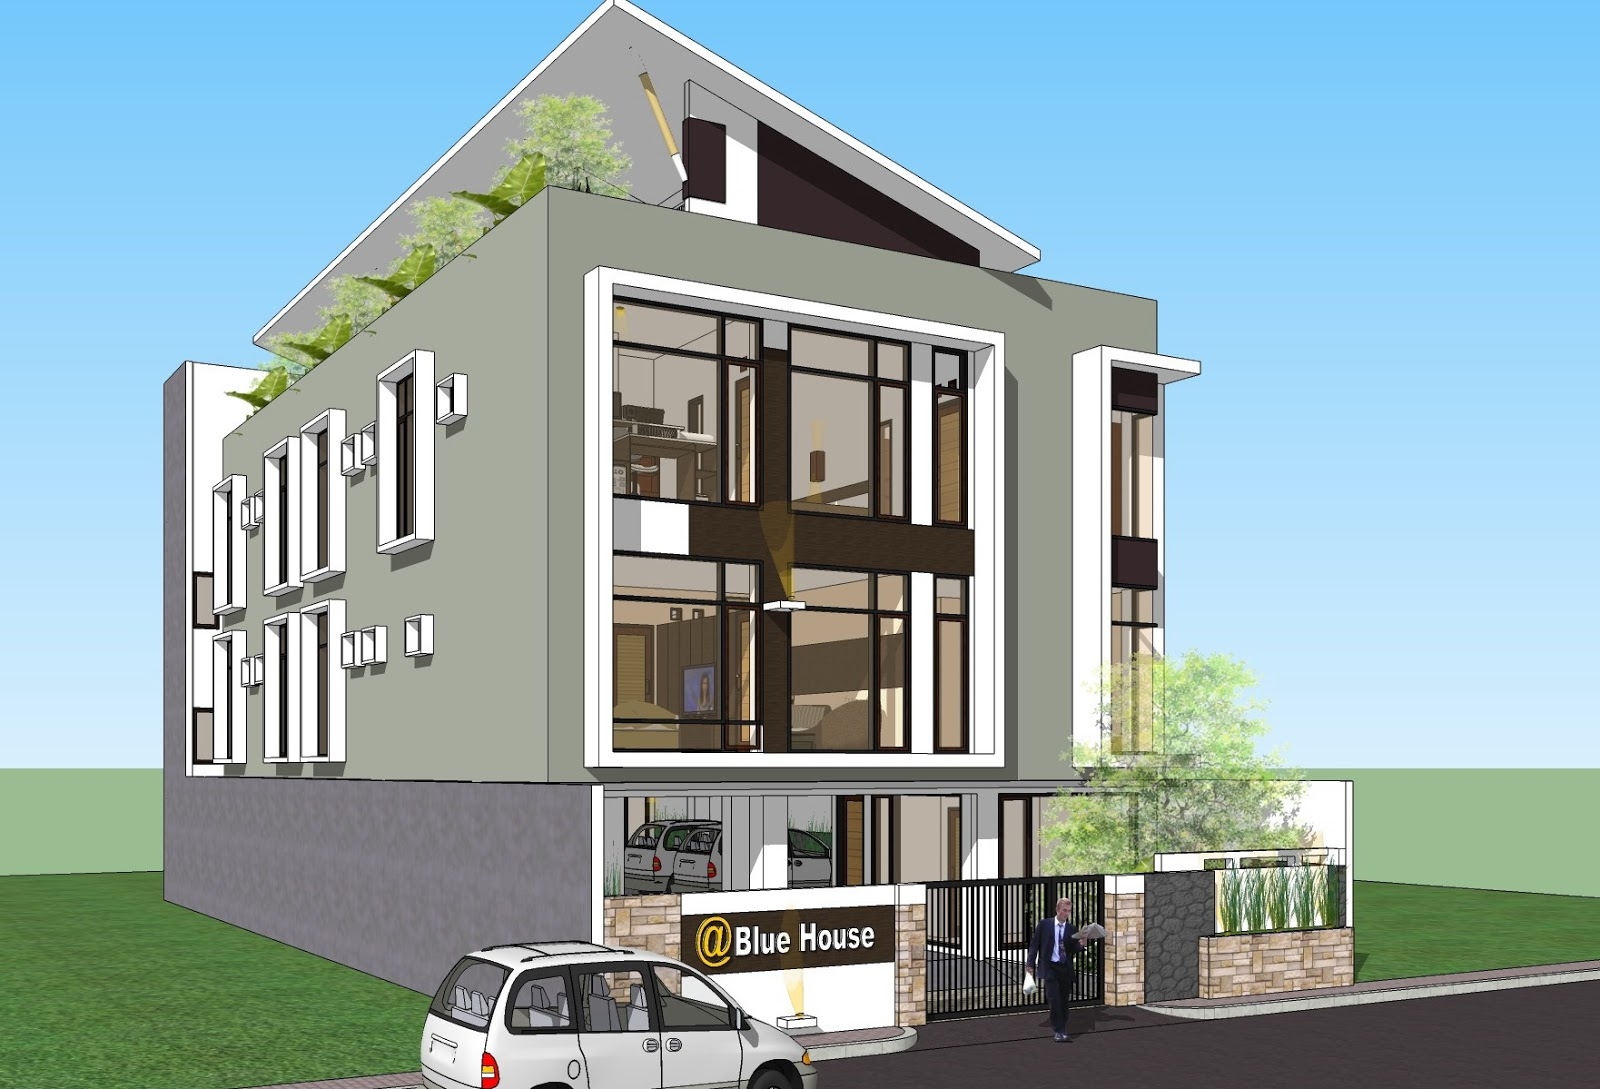 Gambar Desain Rumah Kost Minimalis 1 Lantai Terbaru Desain Rumah